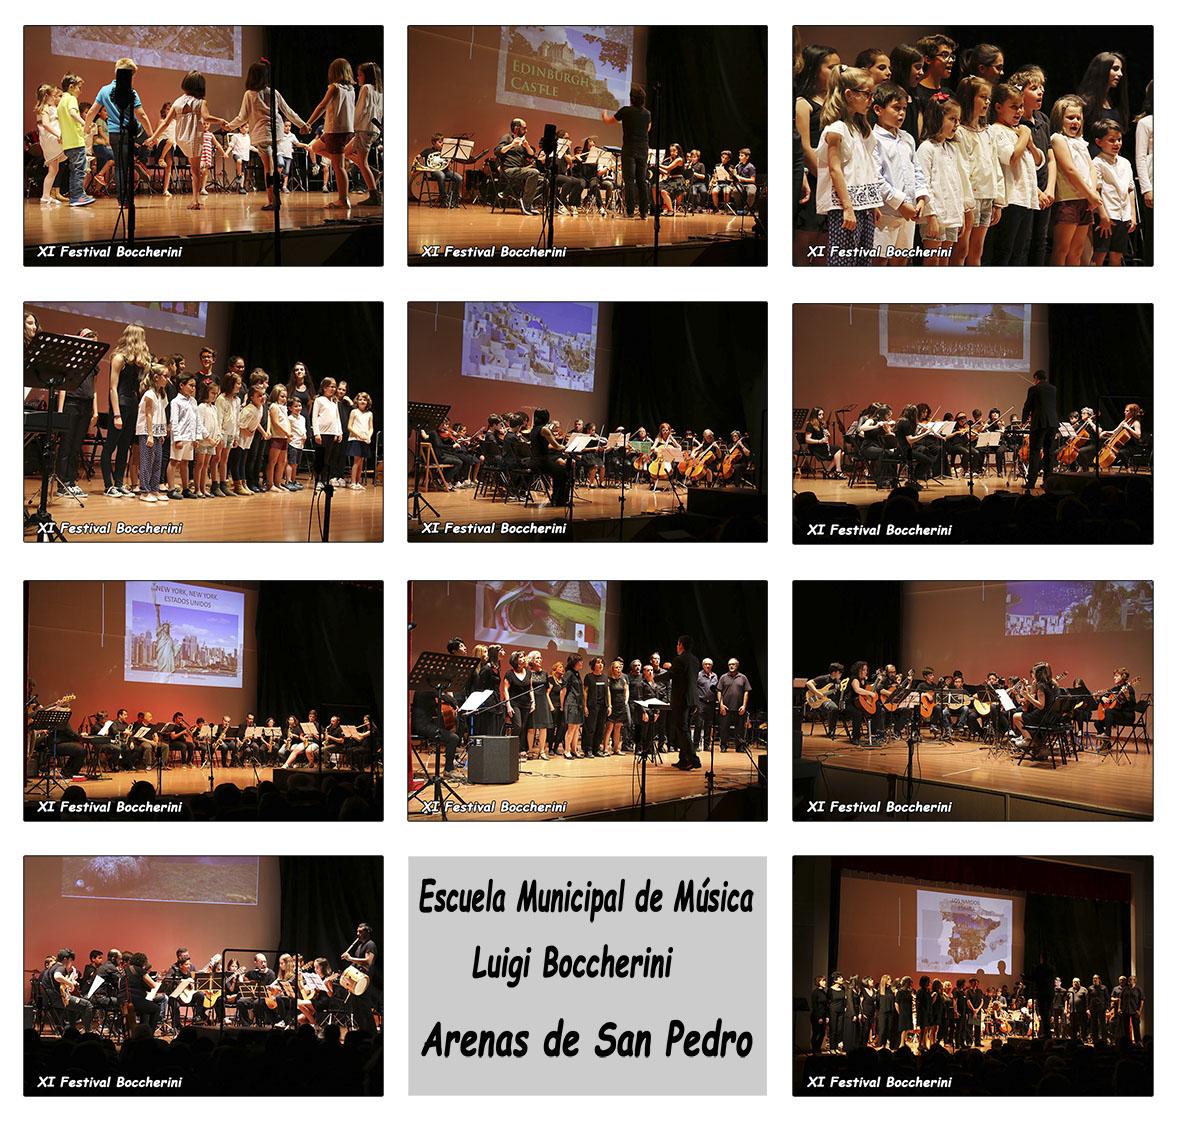 """Concierto Escuela Municipal de Musica """"Luigi Boccherini"""" de Arenas de San Pedro en el XI Festival Boccherini"""